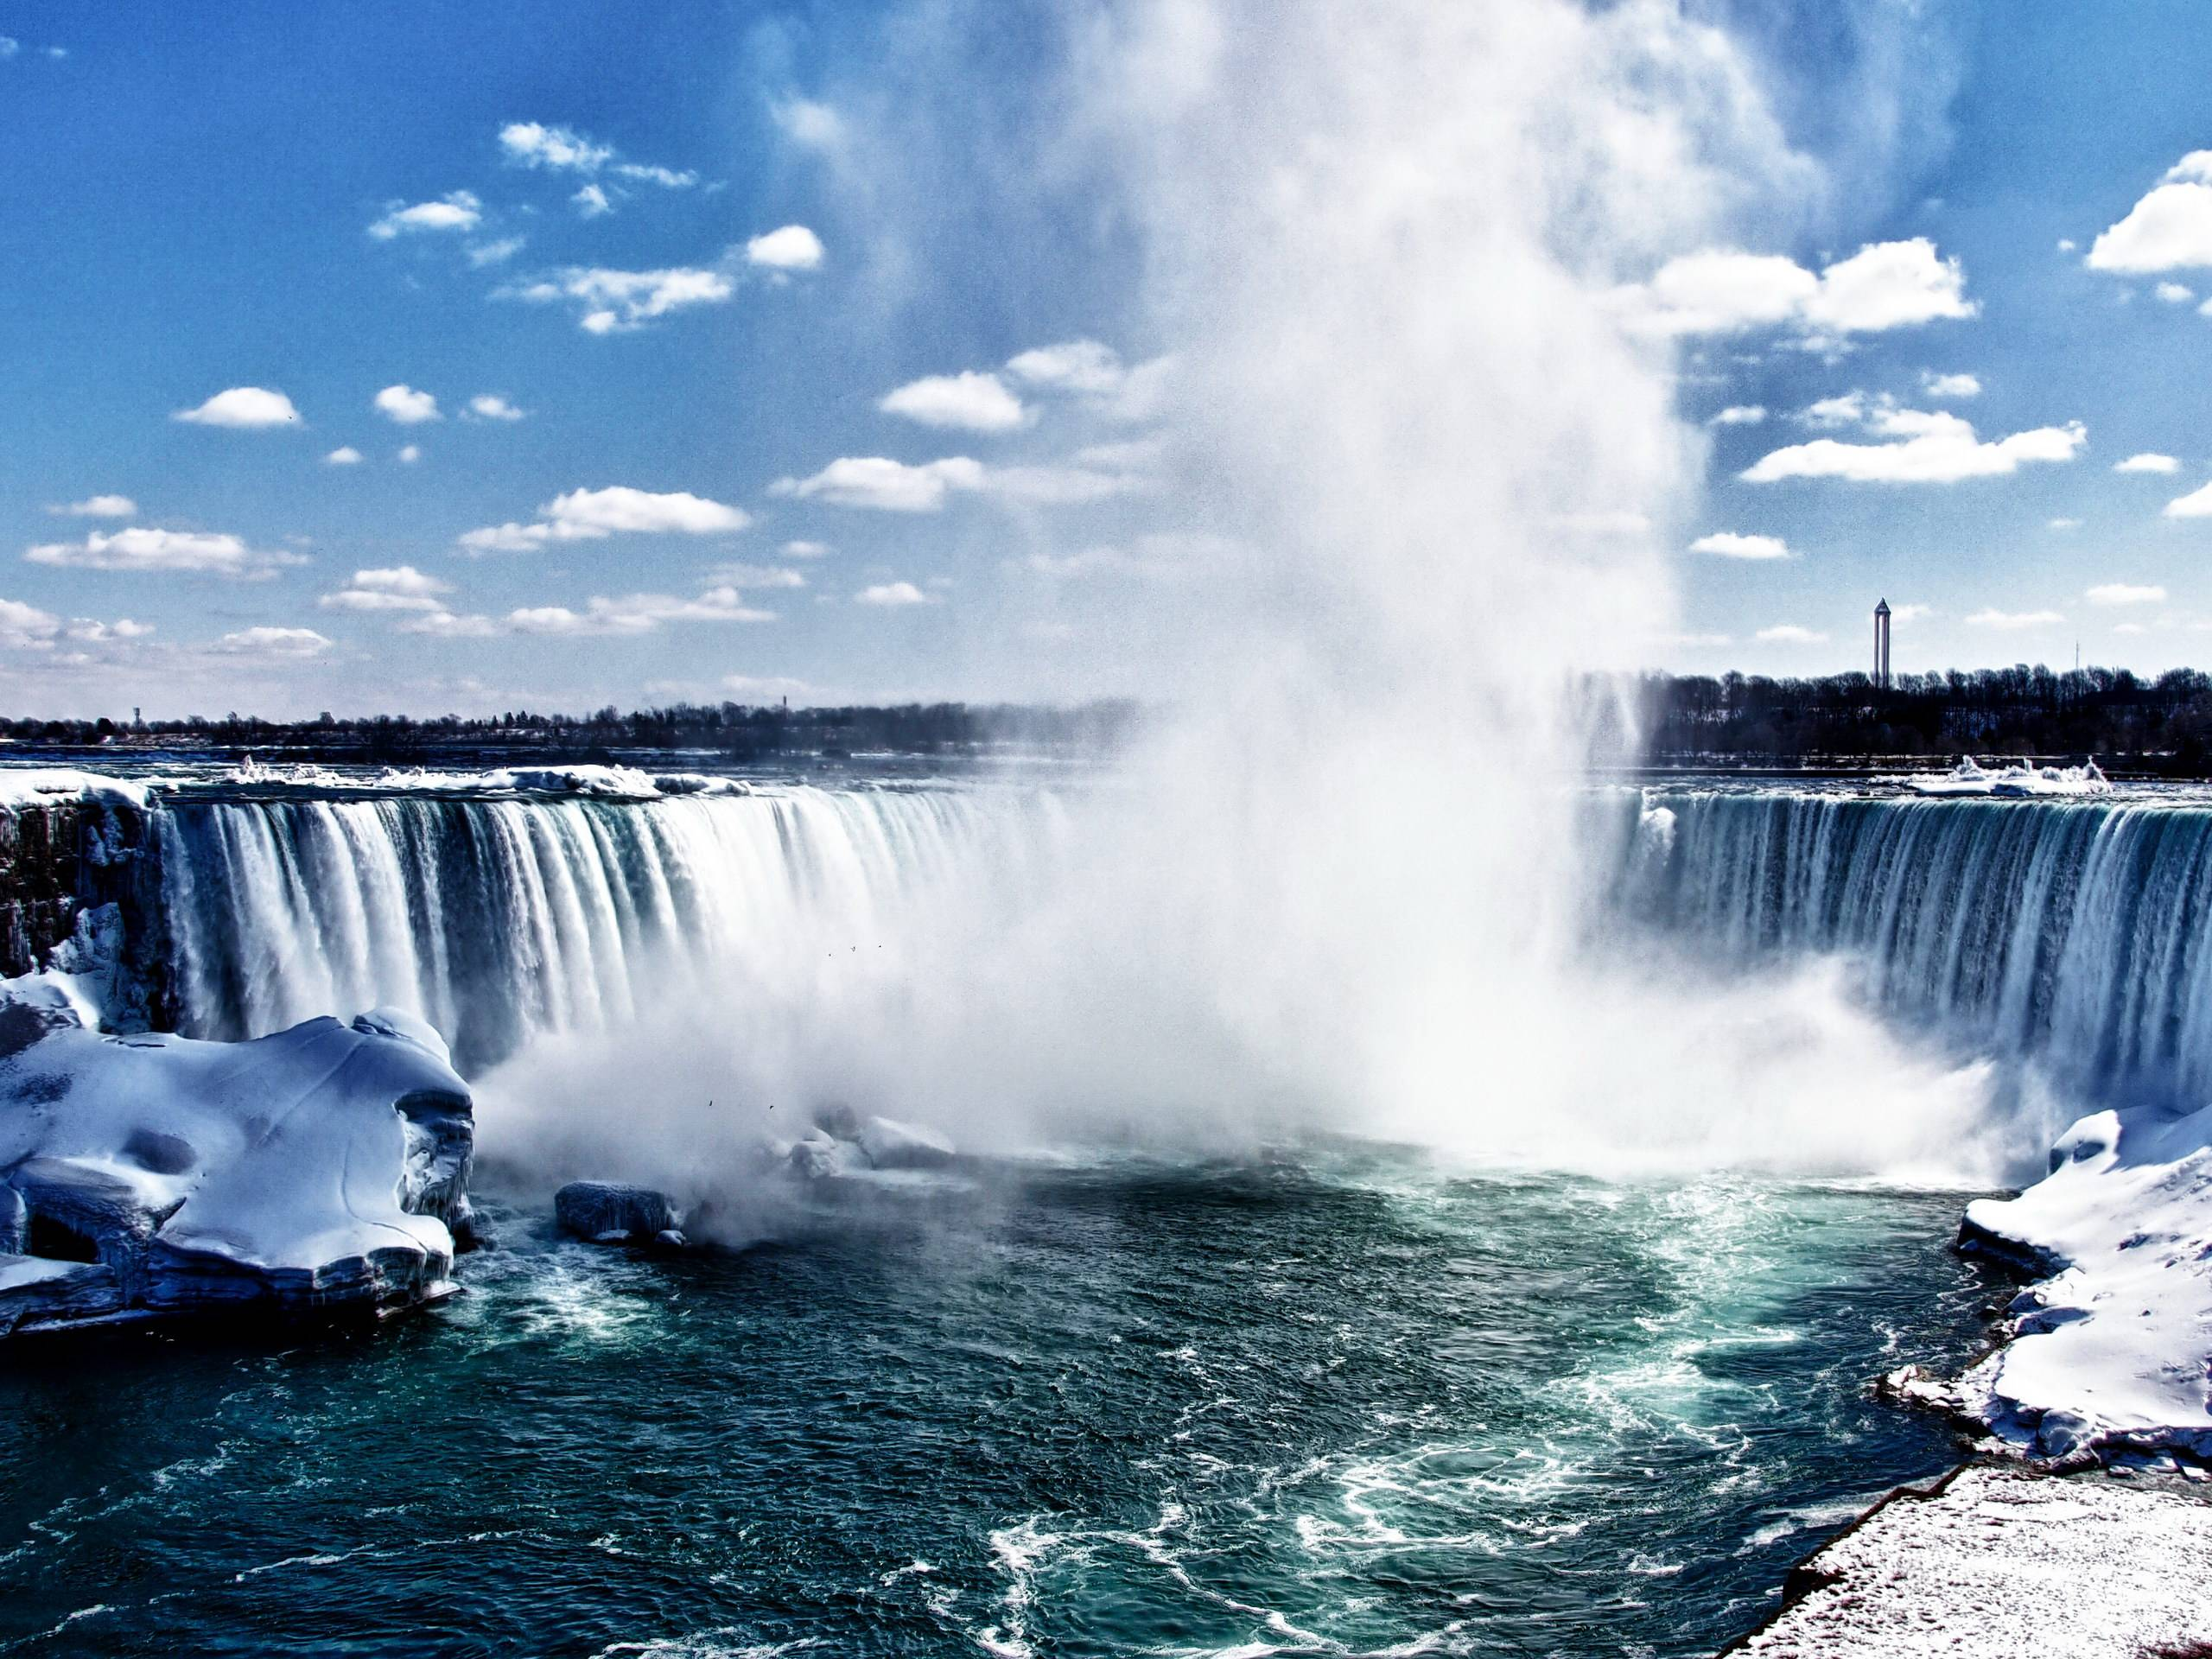 Niagara Falls Backgrounds - Wallpaper Cave